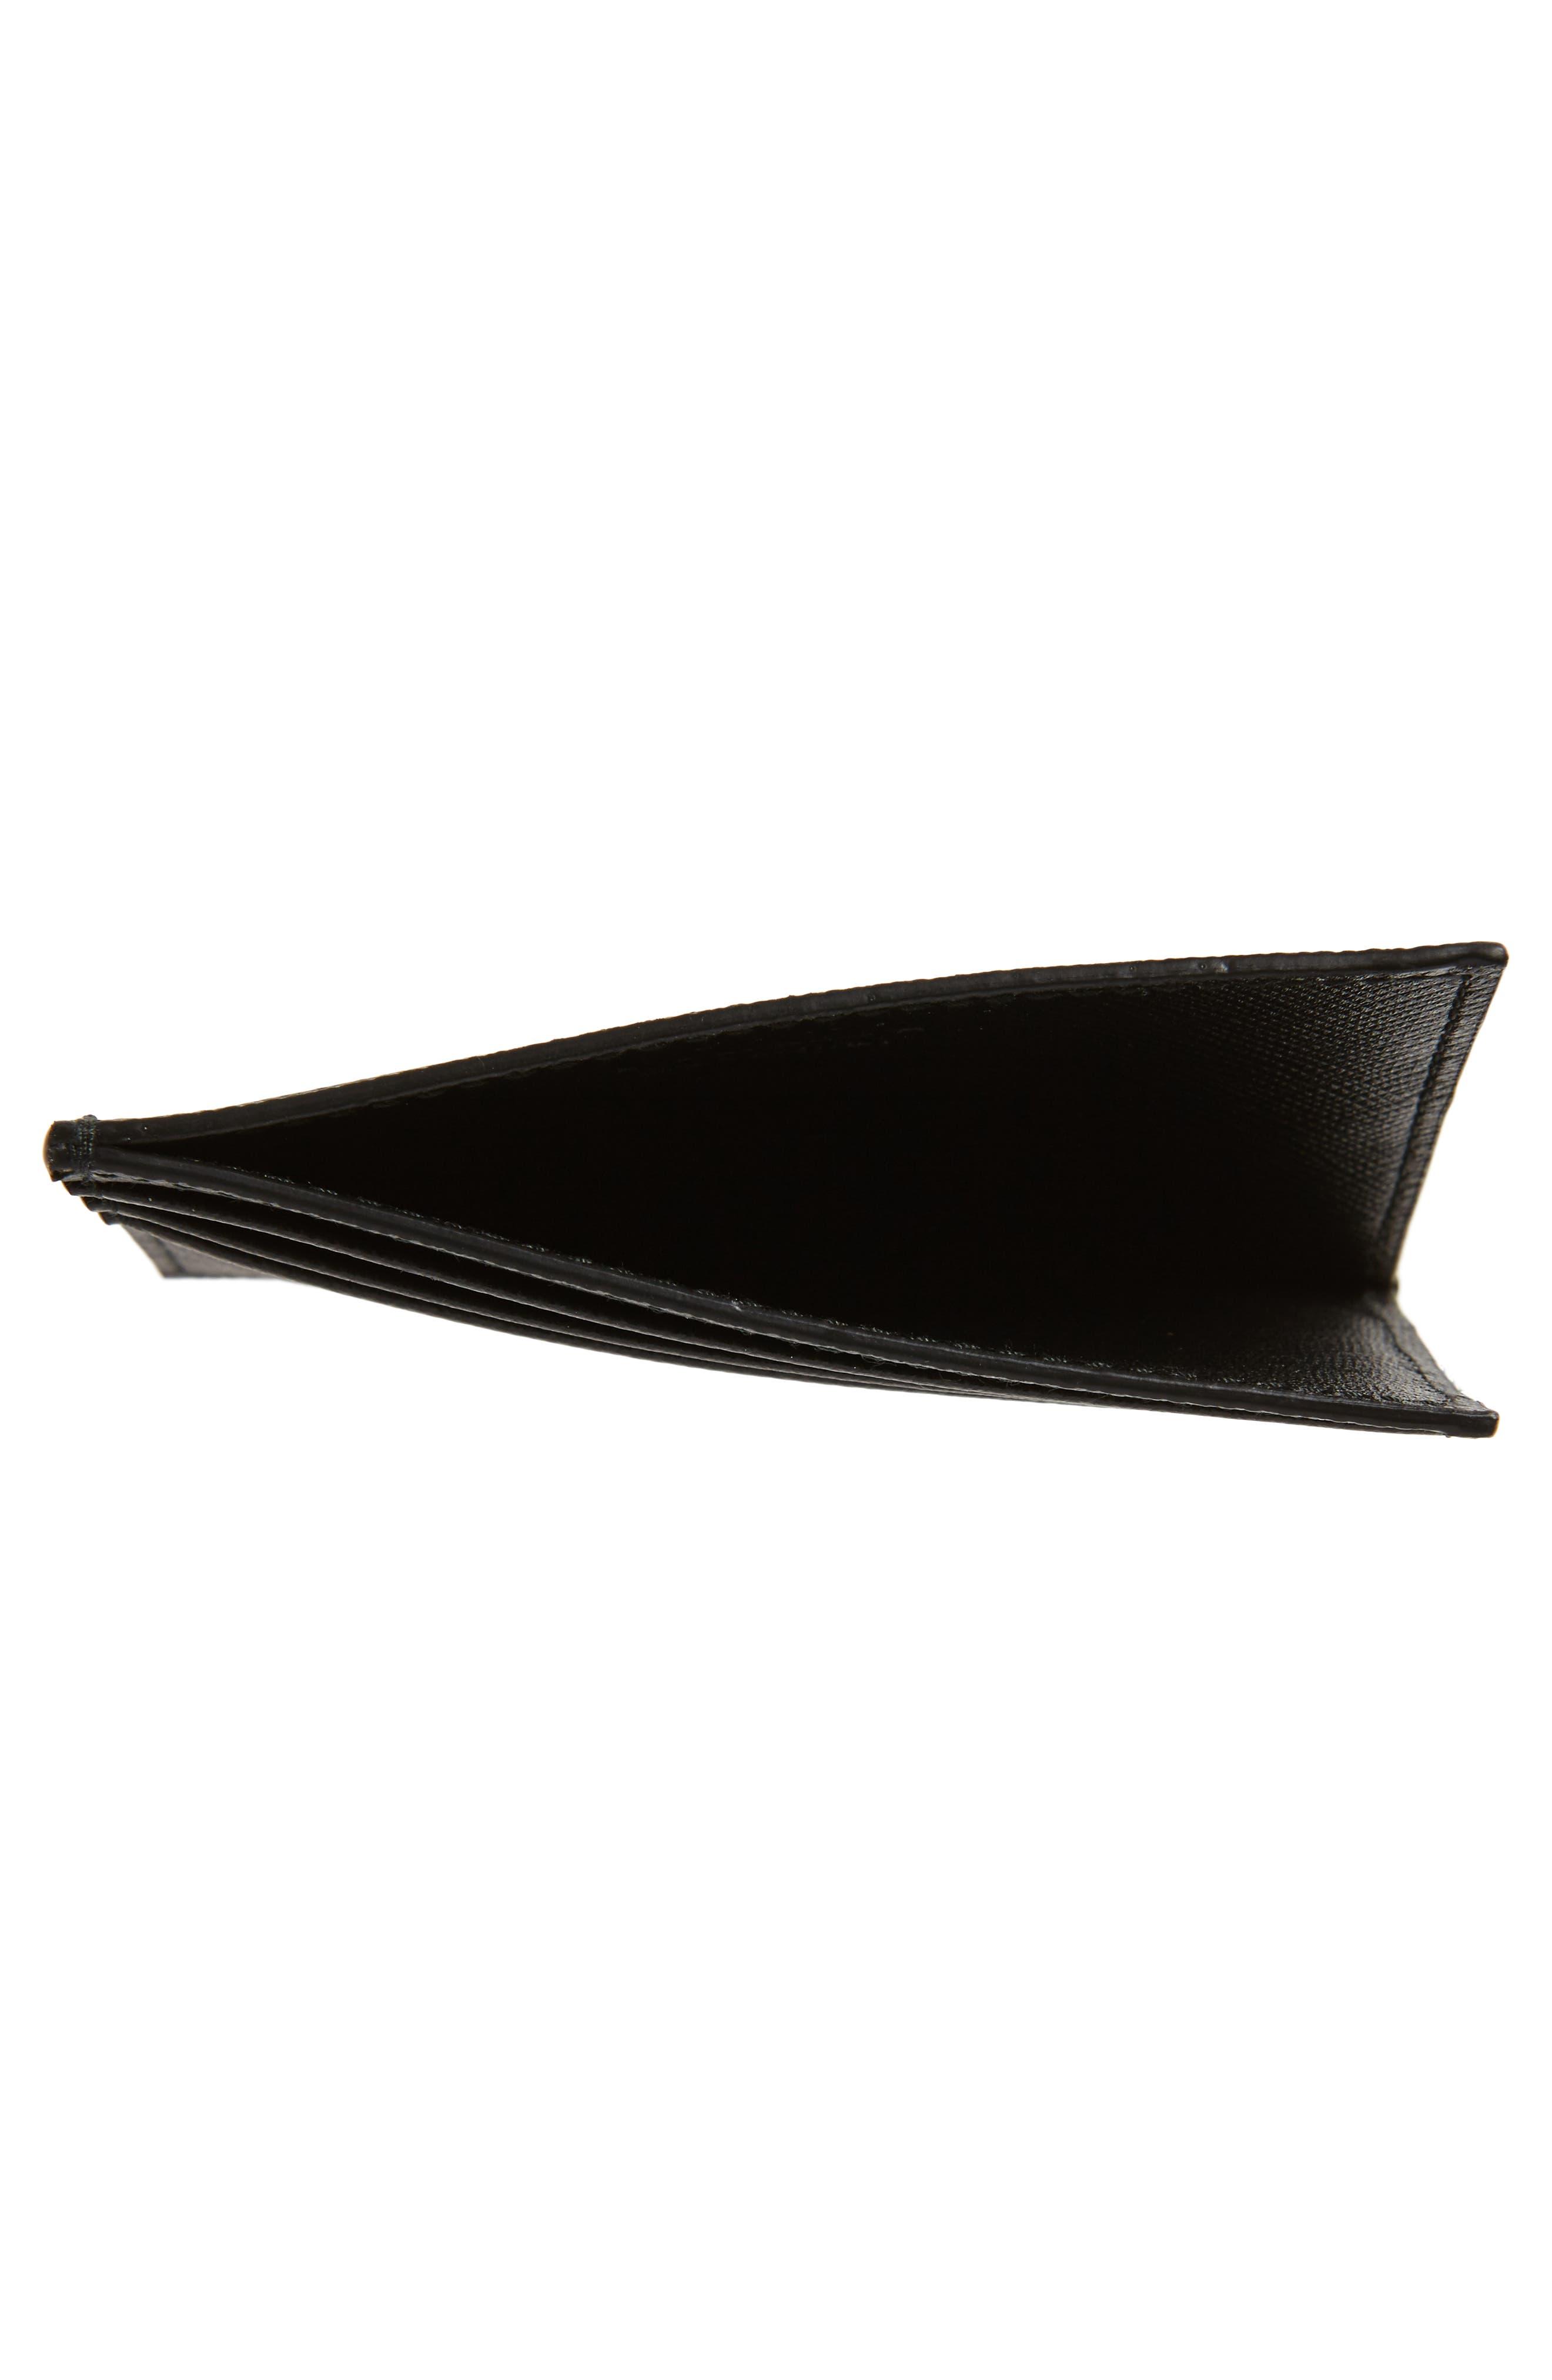 Alternate Image 3  - Prada Saffiano Leather Card Case